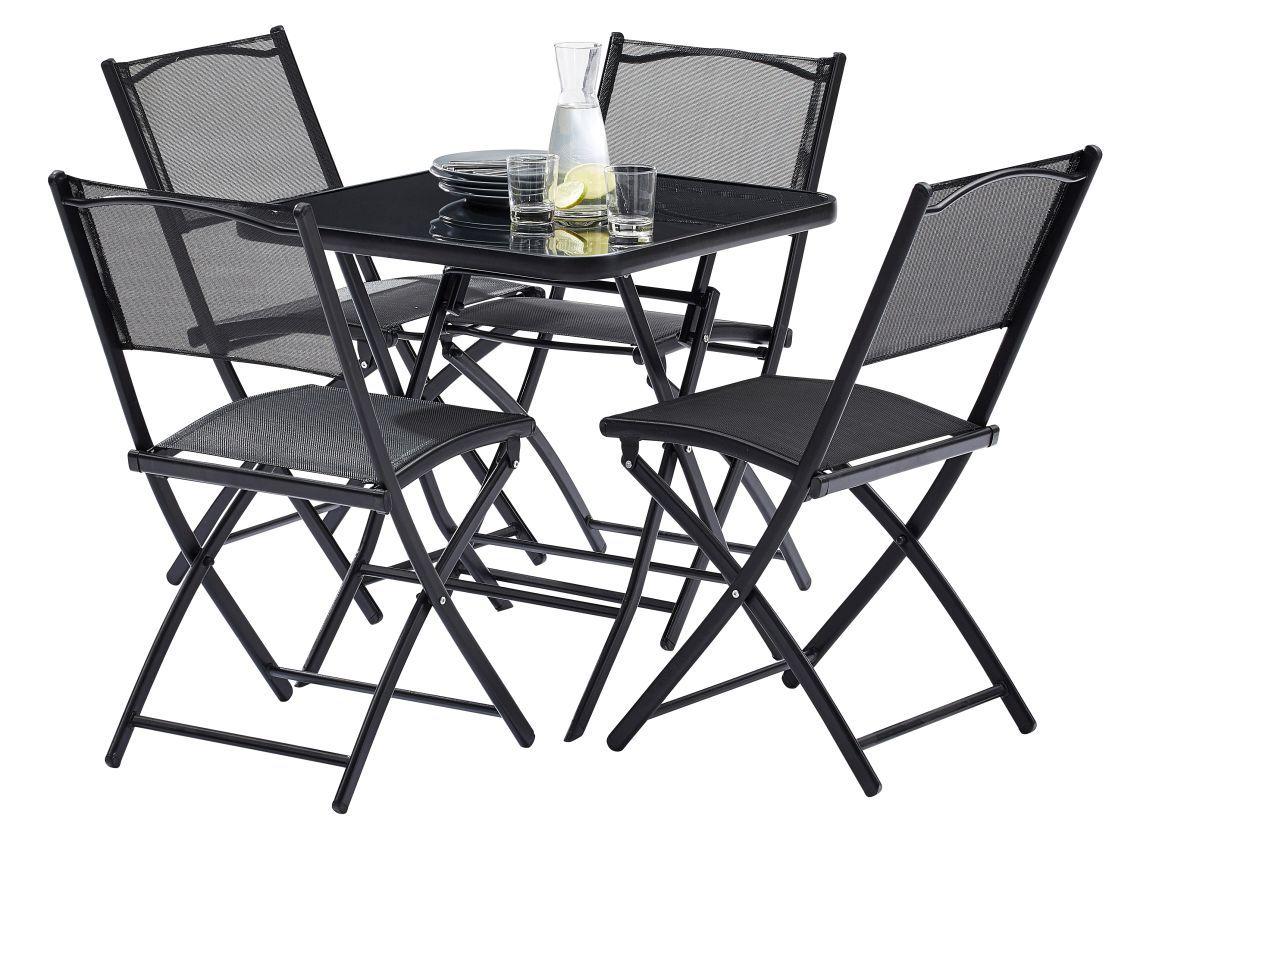 salon de jardin terrasse noir table 4 places 4 chaises wilsa garden. Black Bedroom Furniture Sets. Home Design Ideas